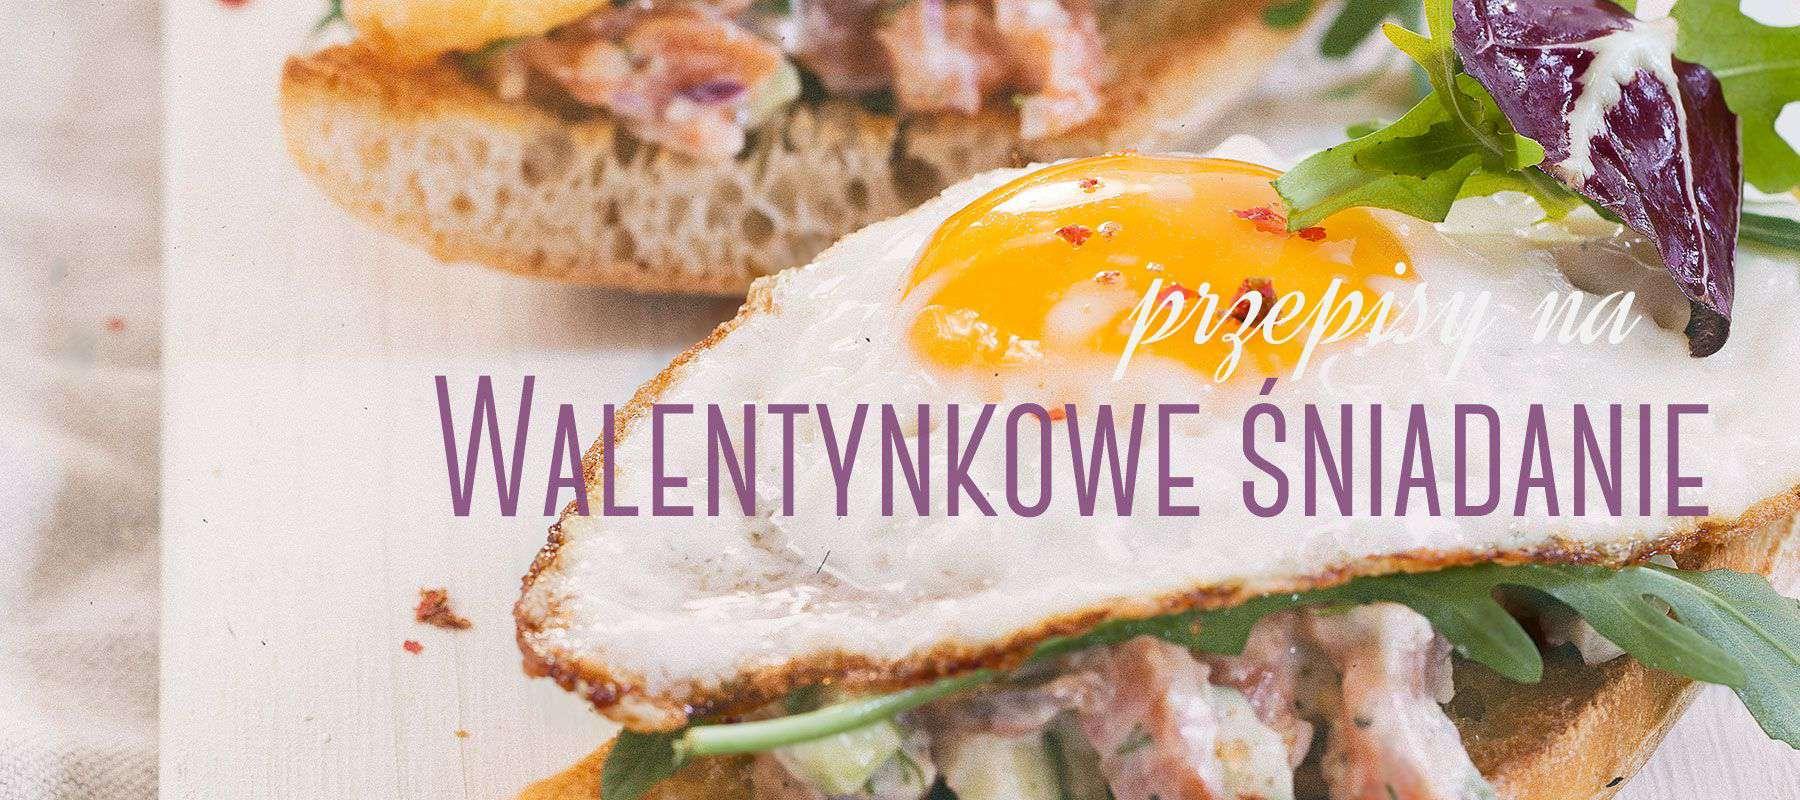 Walentynkowe śniadanie - przepisy na słodkie i wytrawne śniadania na Dzień Zakochanych